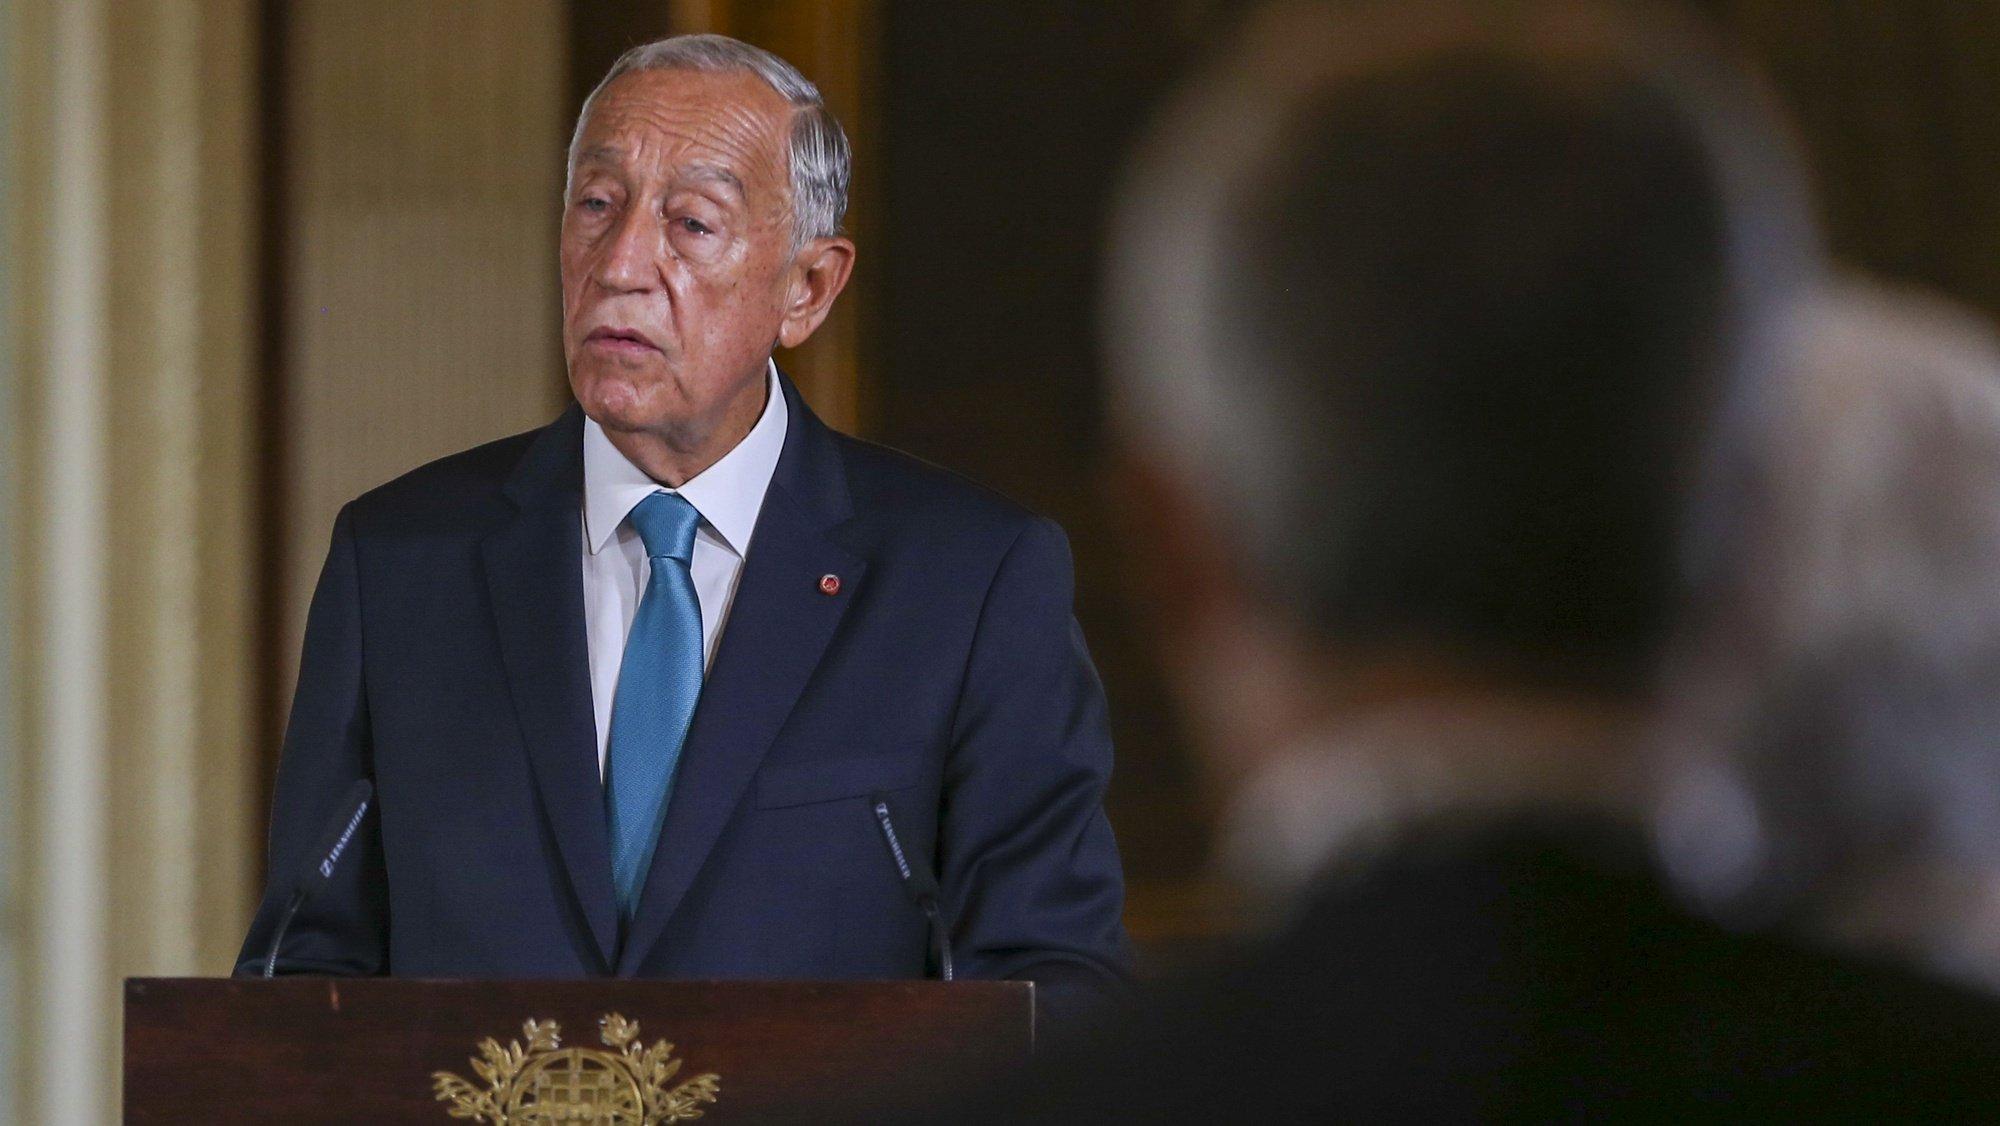 O Presidente da República, Marcelo Rebelo de Sousa, discursa no Salão Nobre durante as comemorações oficiais do 5 de Outubro, Dia da Implantação da República Portuguesa, realizadas na Câmara Municipal de Lisboa, 5 de outubro de 2021. MANUEL DE ALMEIDA/LUSA